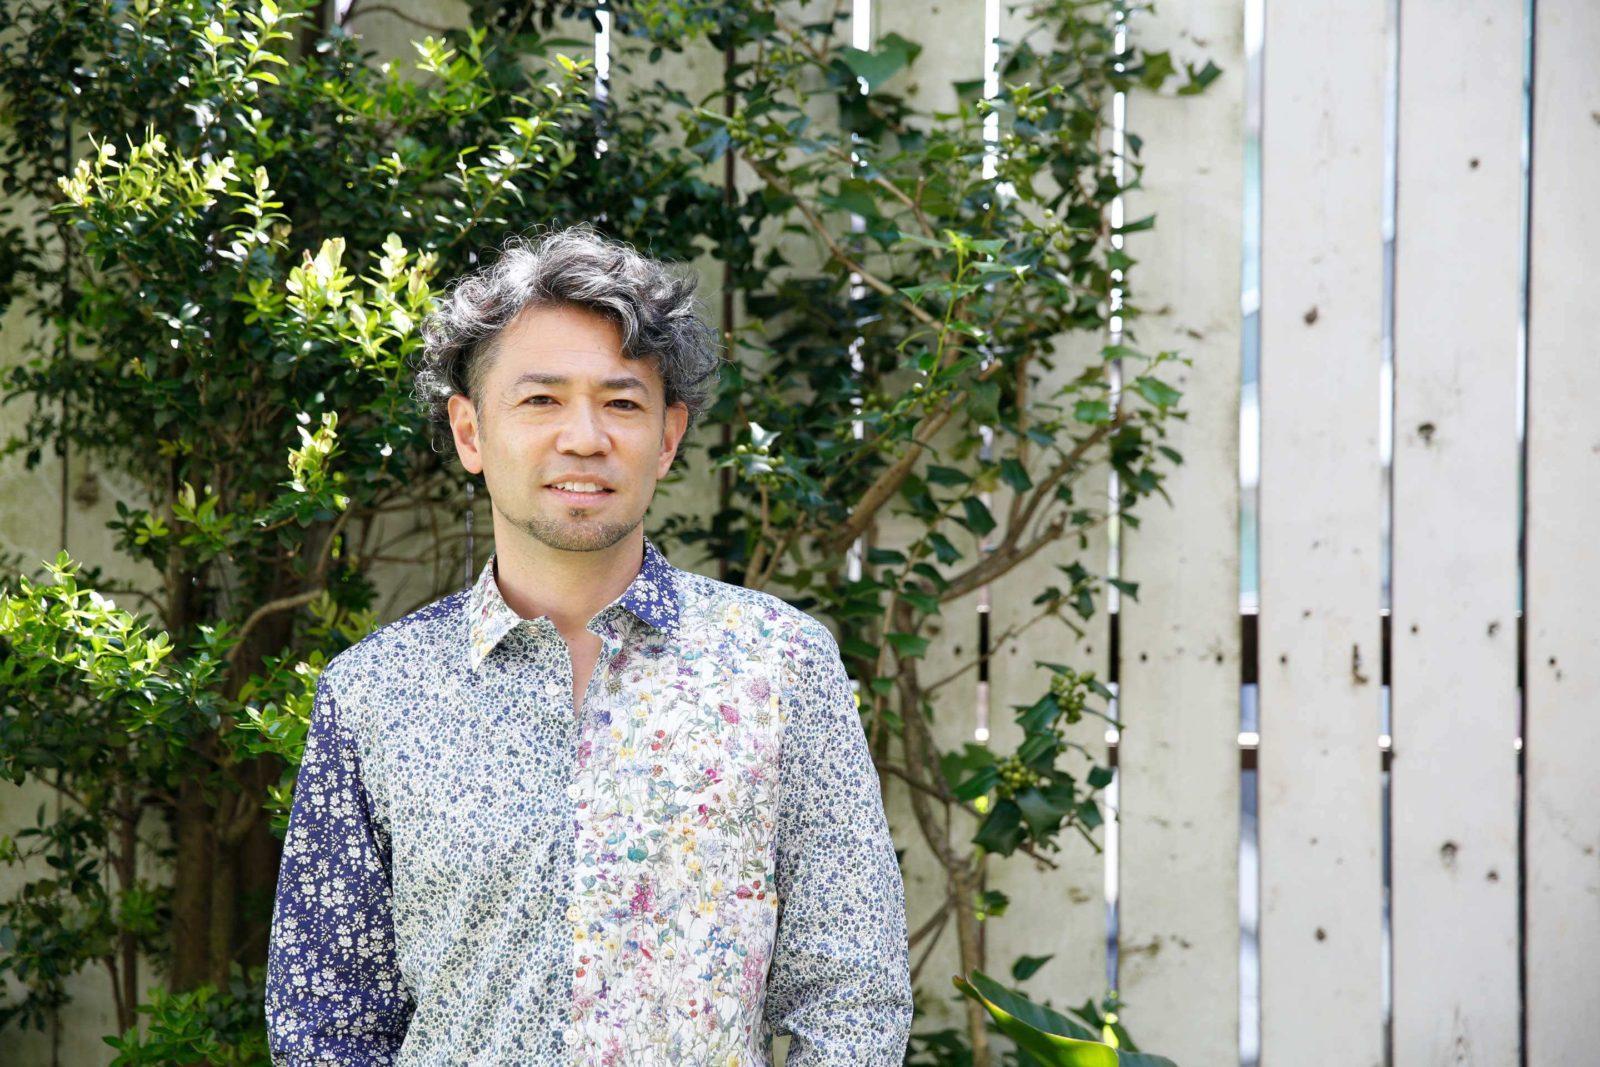 河口恭吾、新曲「明日は晴れるだろう」を8月5日配信スタート&リリックMV公開サムネイル画像